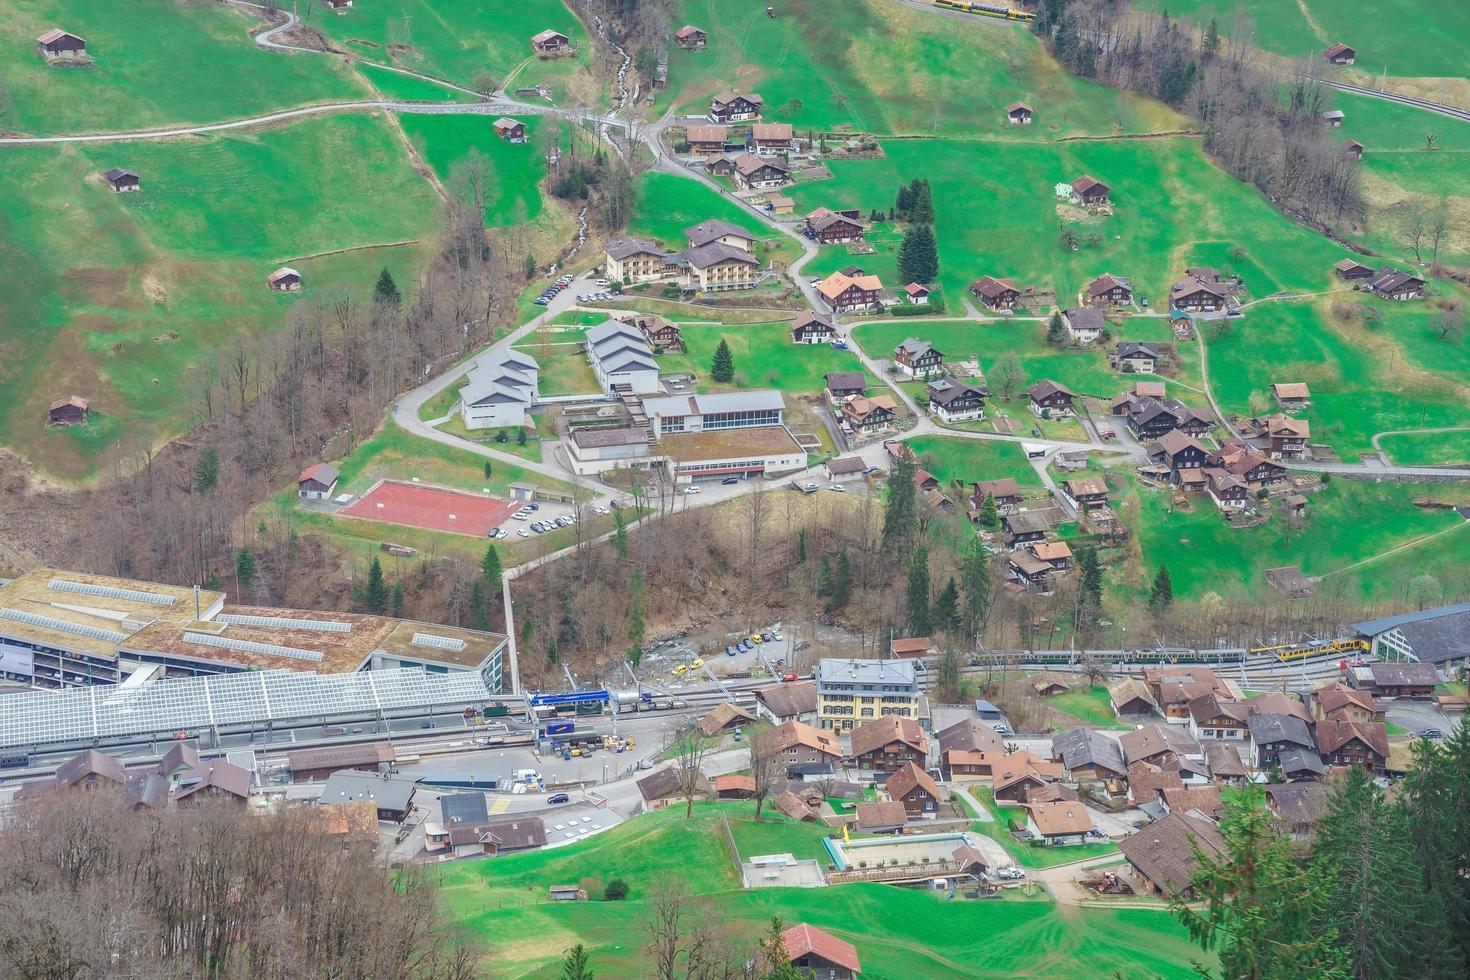 la valle di lauterbrunnen, vicino a interlaken nell'oberland bernese, svizzera foto